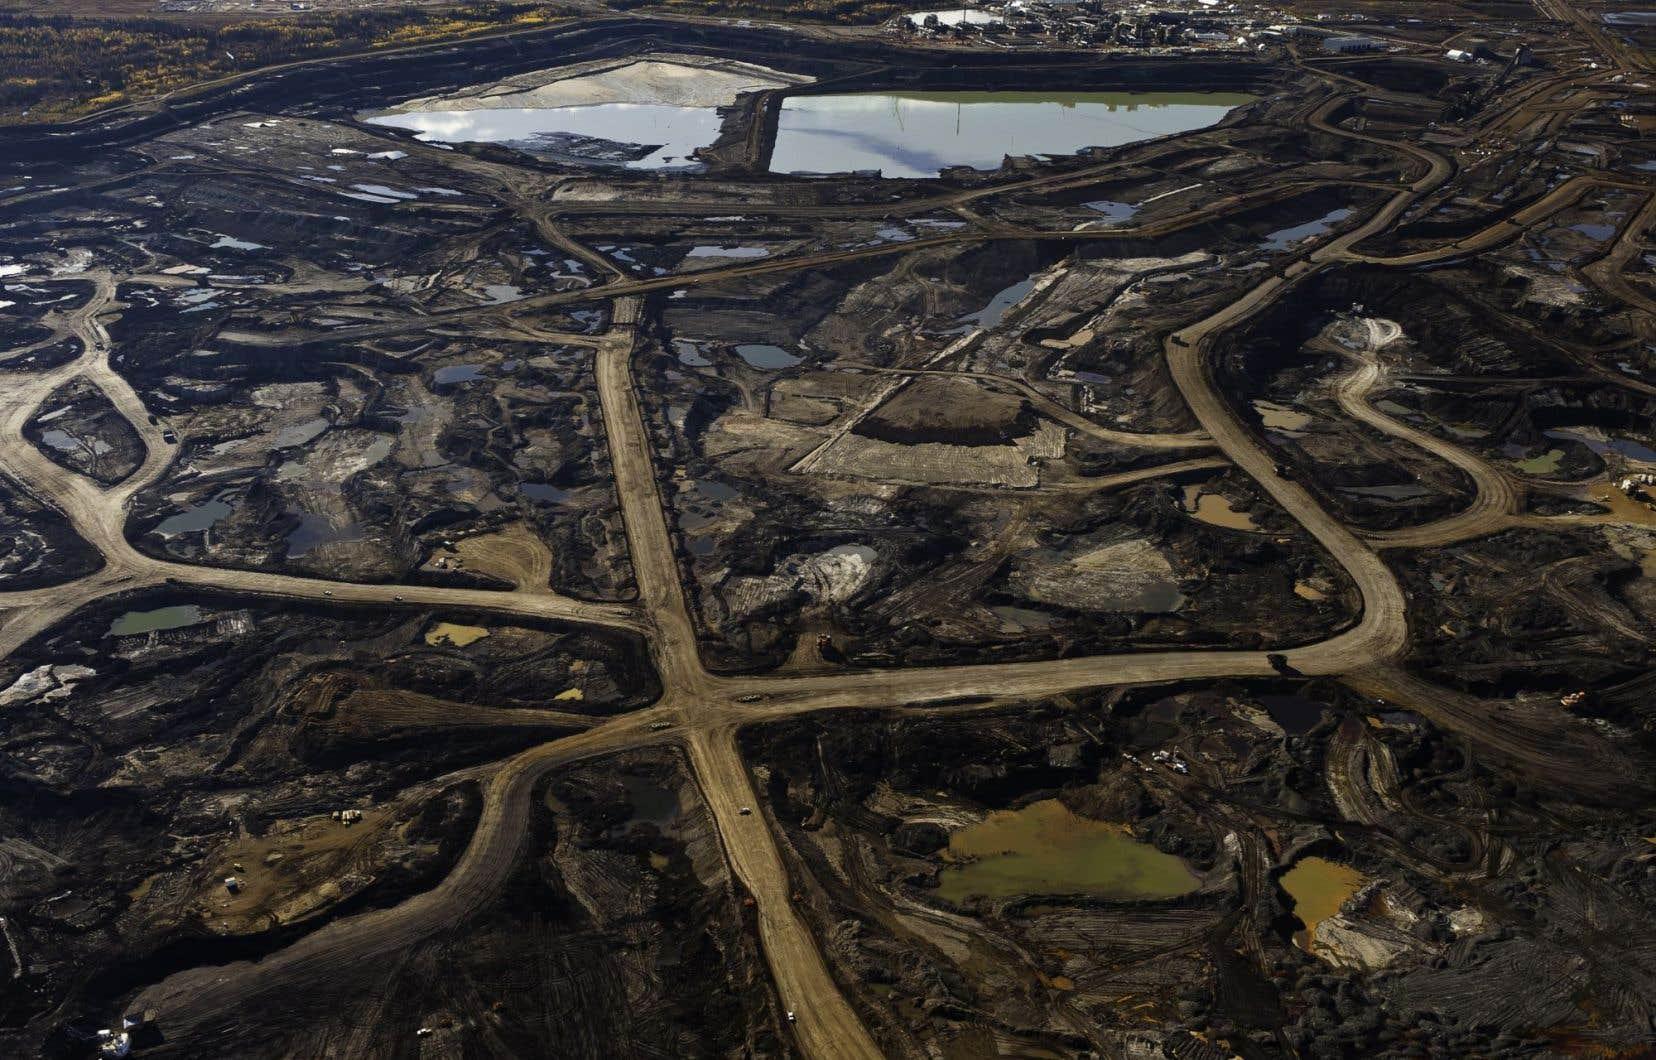 «Sur 40 ans, on peut estimer de manière prudente qu'au moins 6,6 milliards de tonnes de dioxyde de carbone seraient émises en amont et en aval par le produit transitant par Énergie Est», soutient l'auteur.